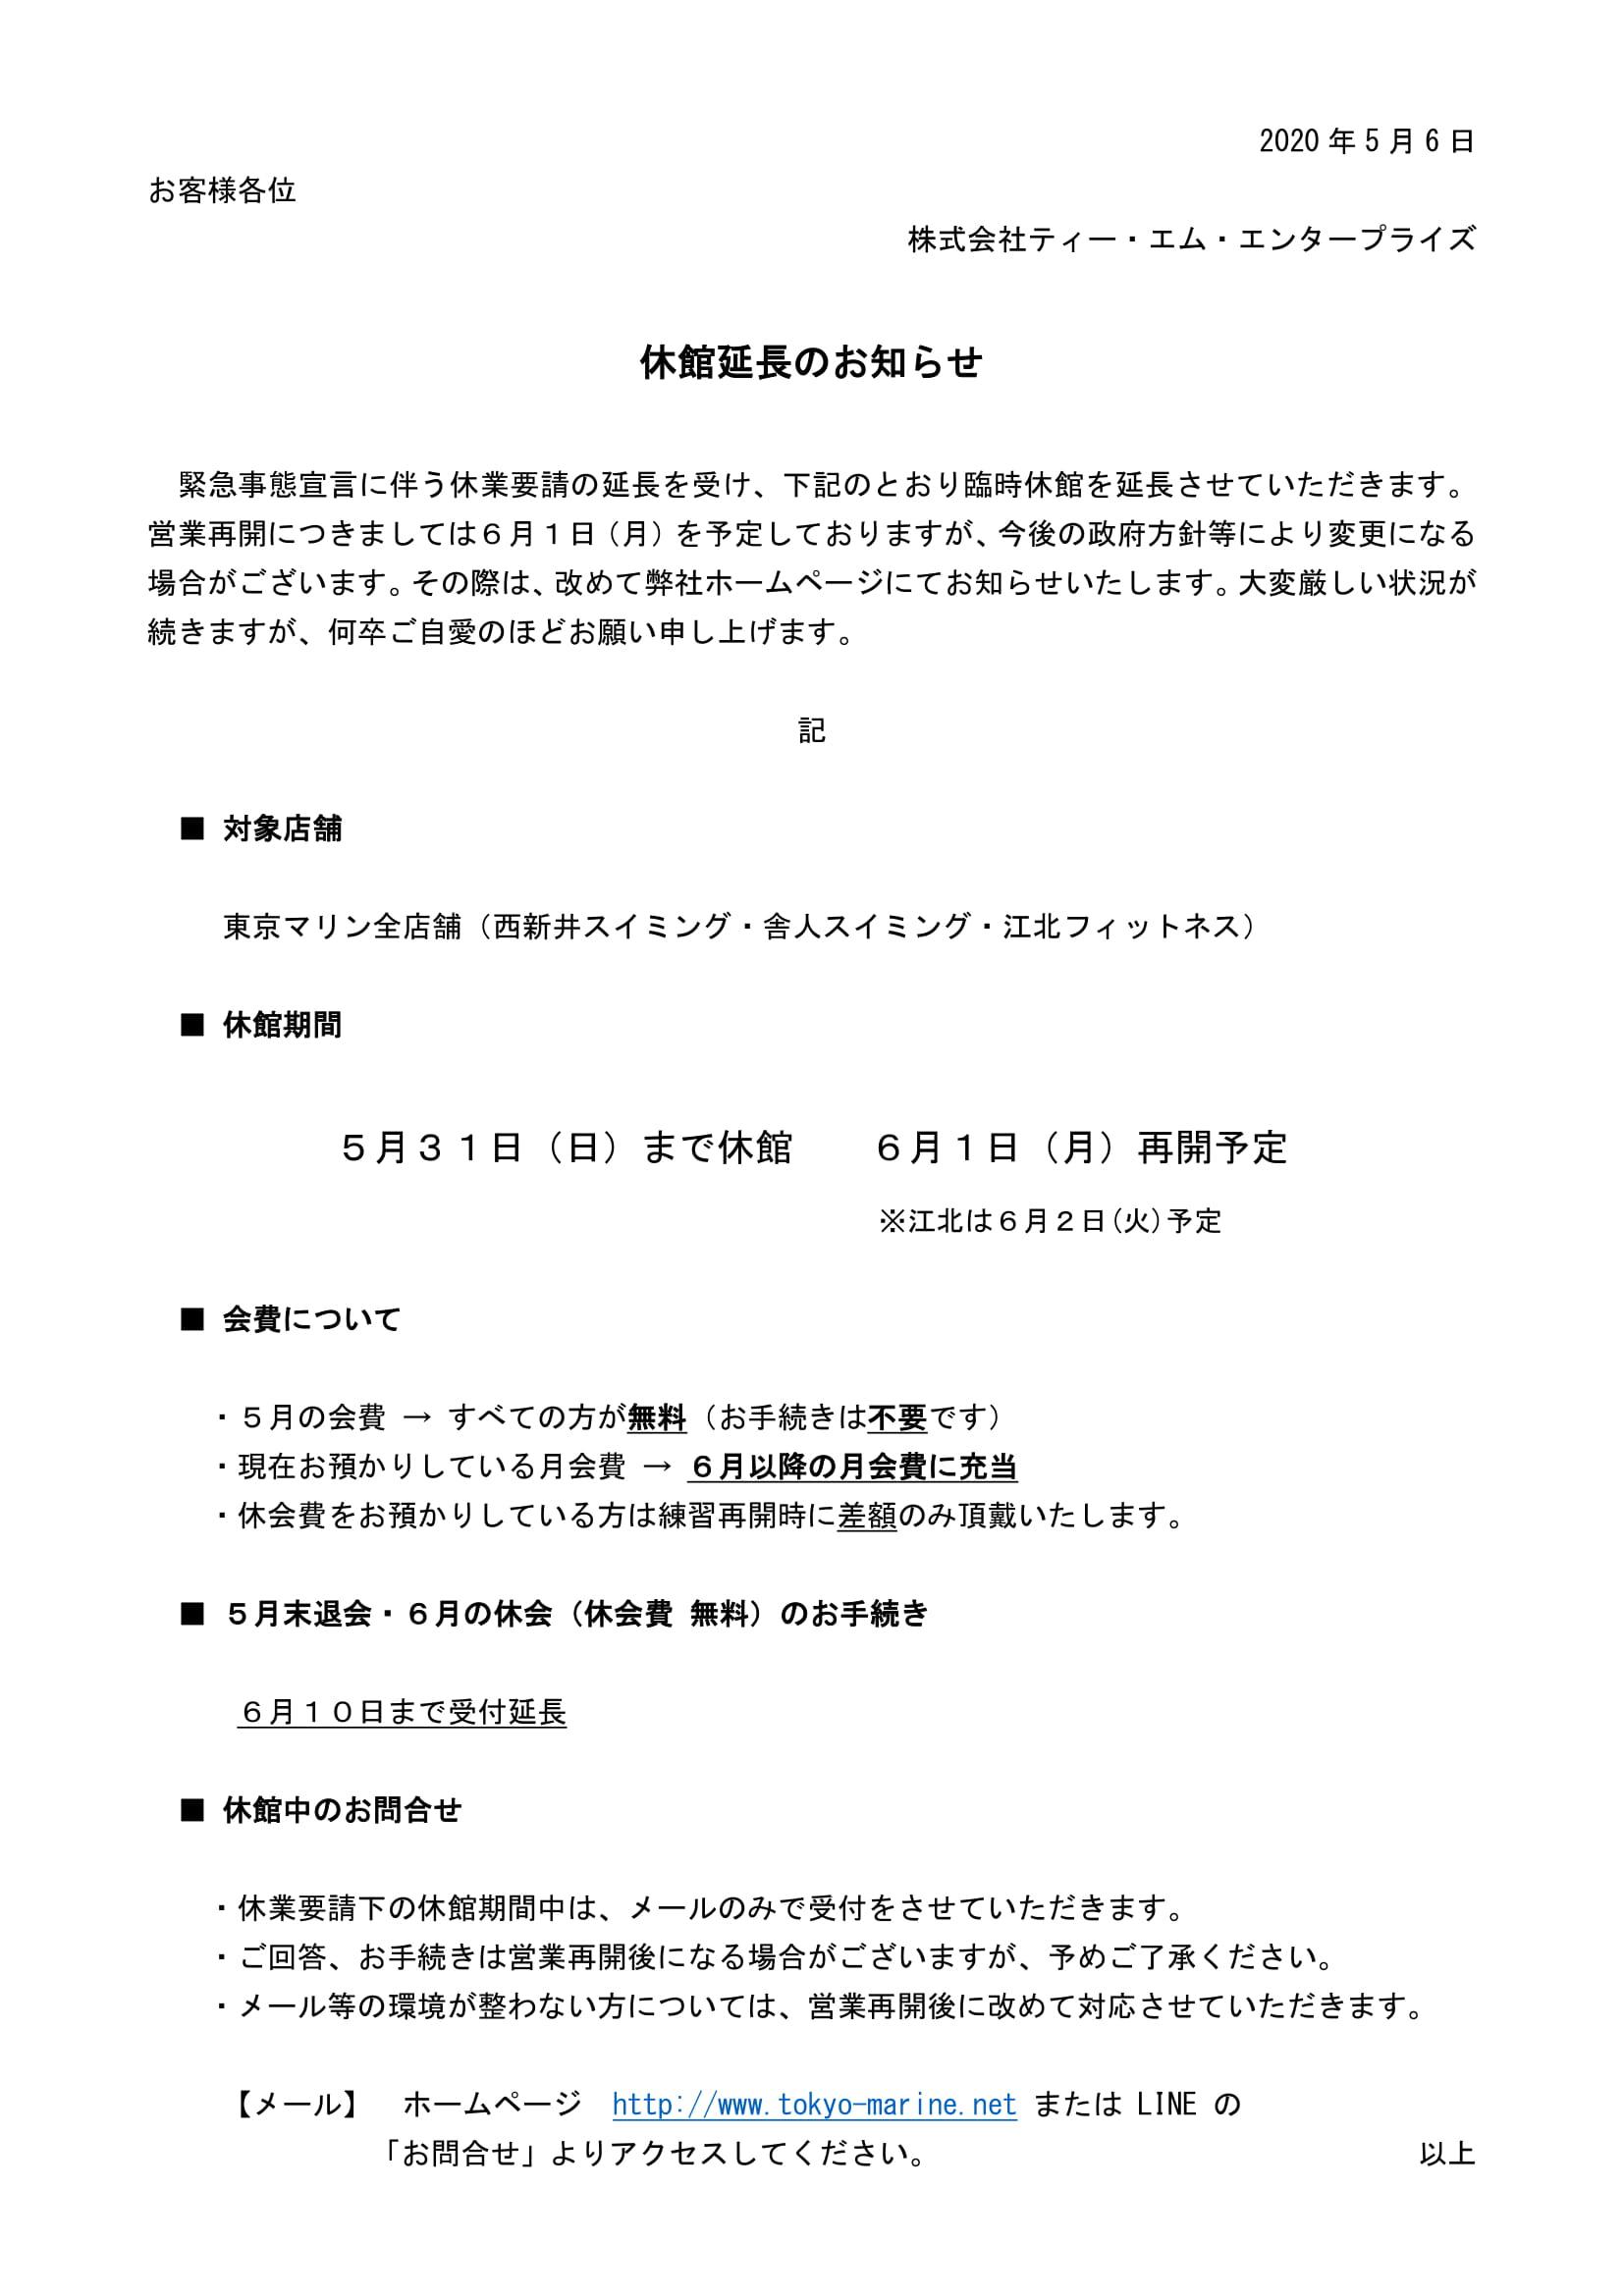 休館延長のお知らせ(5/6更新)